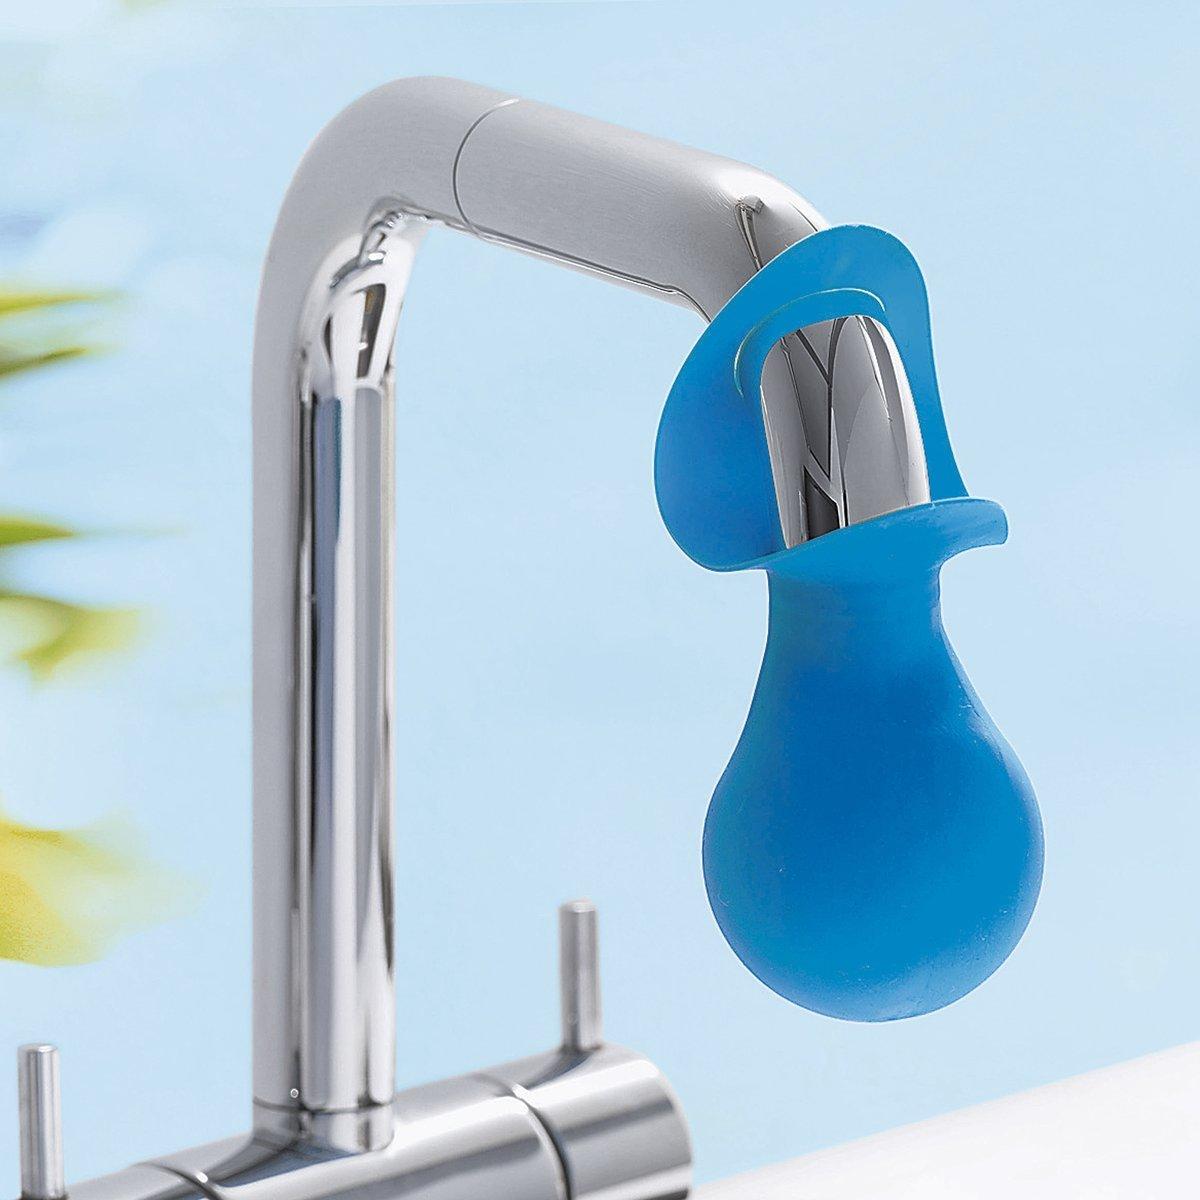 Limey - Utensile disincrostante per rubinetti per la rimozione del calcare, blu LIMEY01